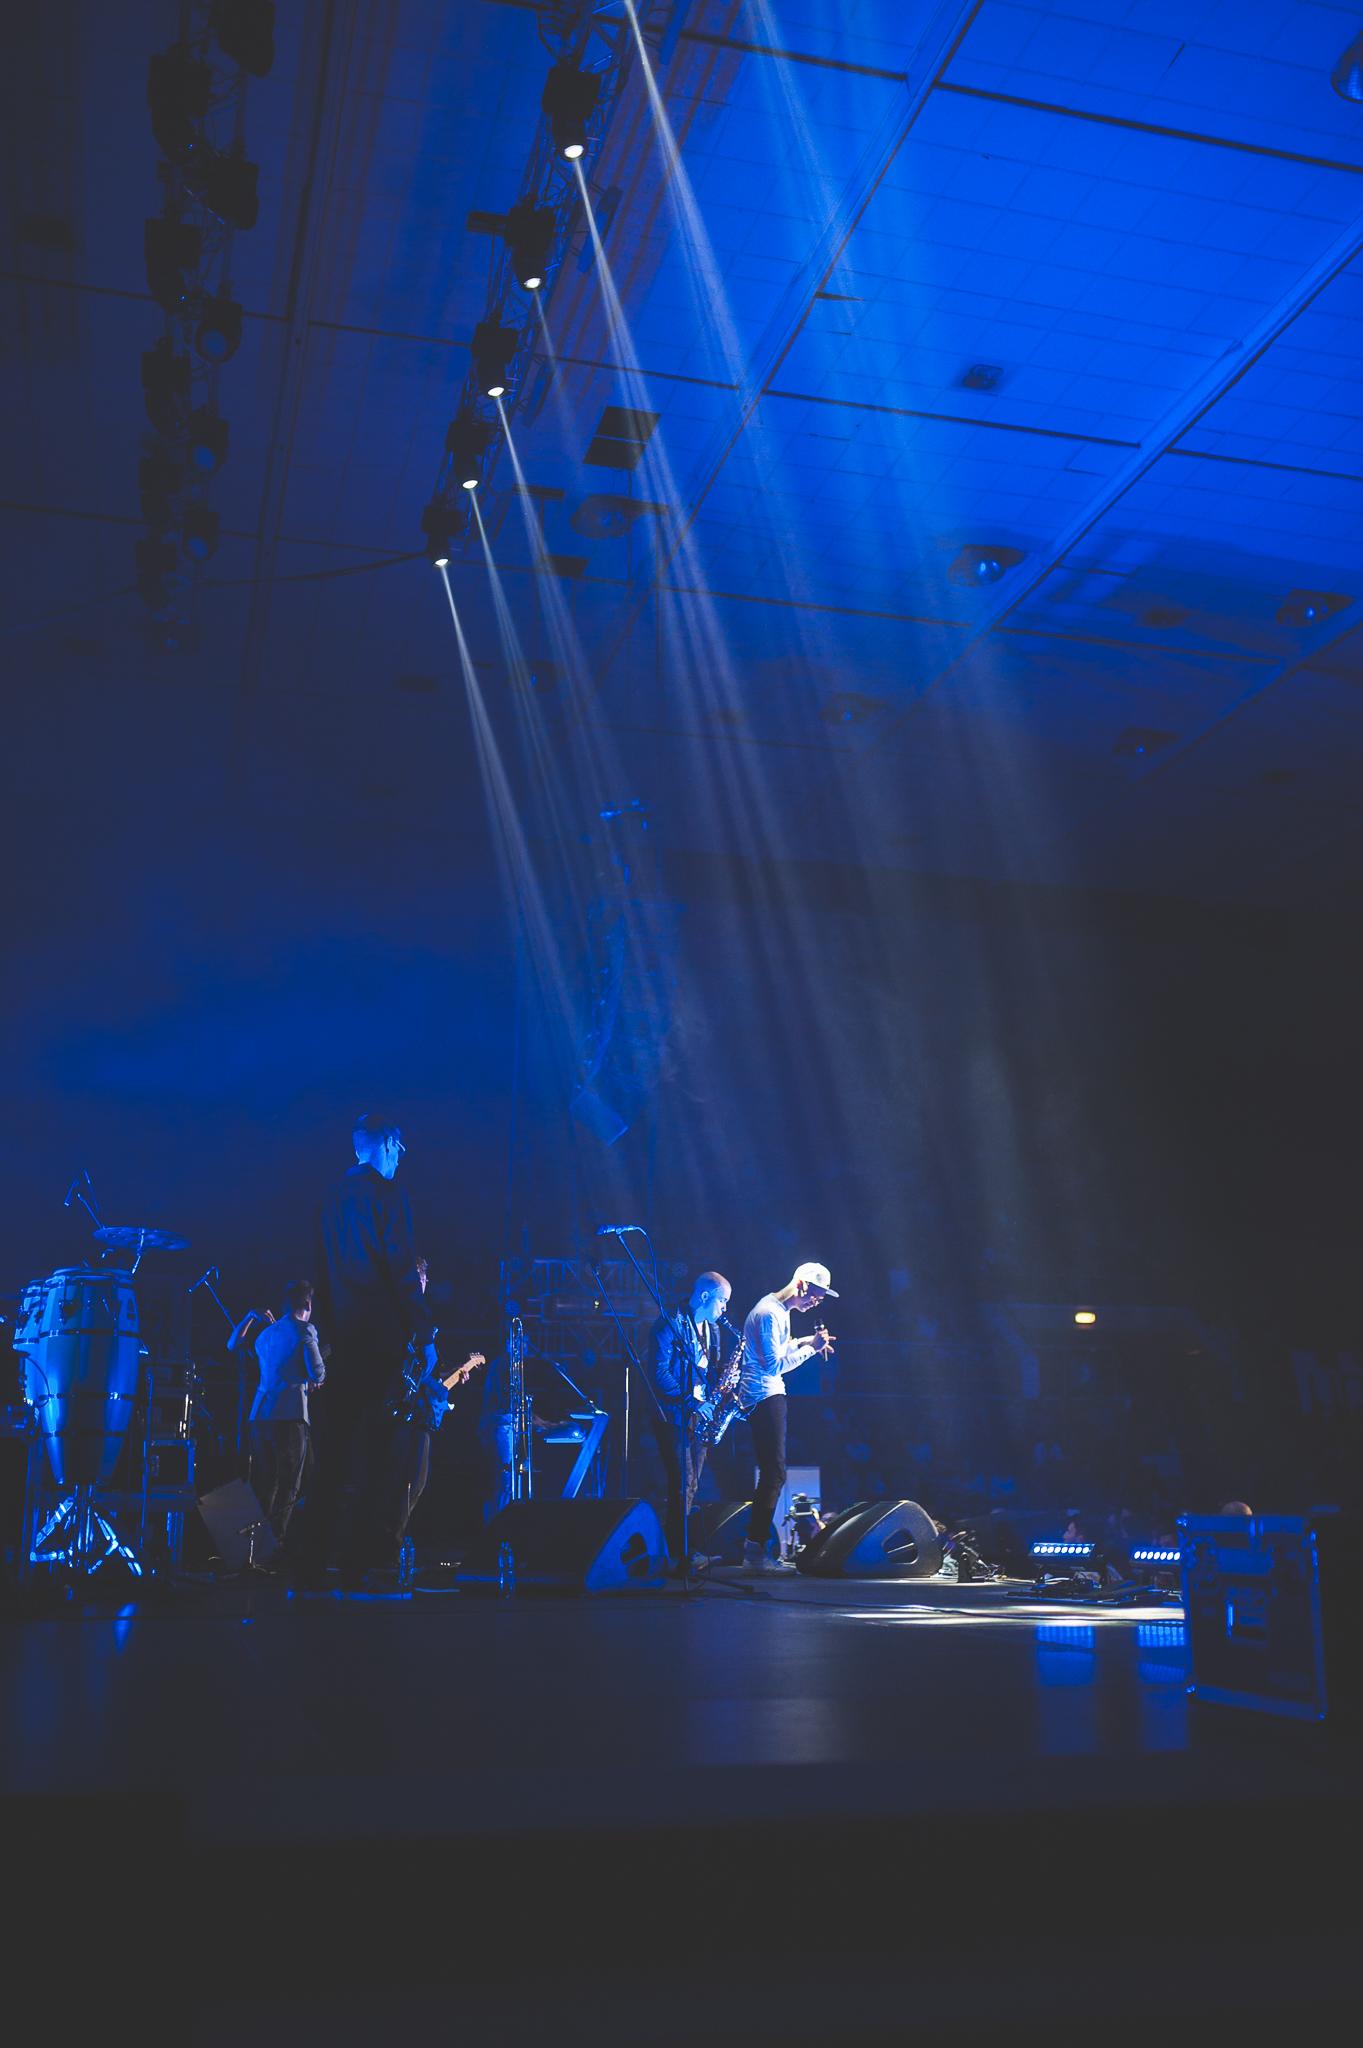 concert-vunk-unifest-low-res-24